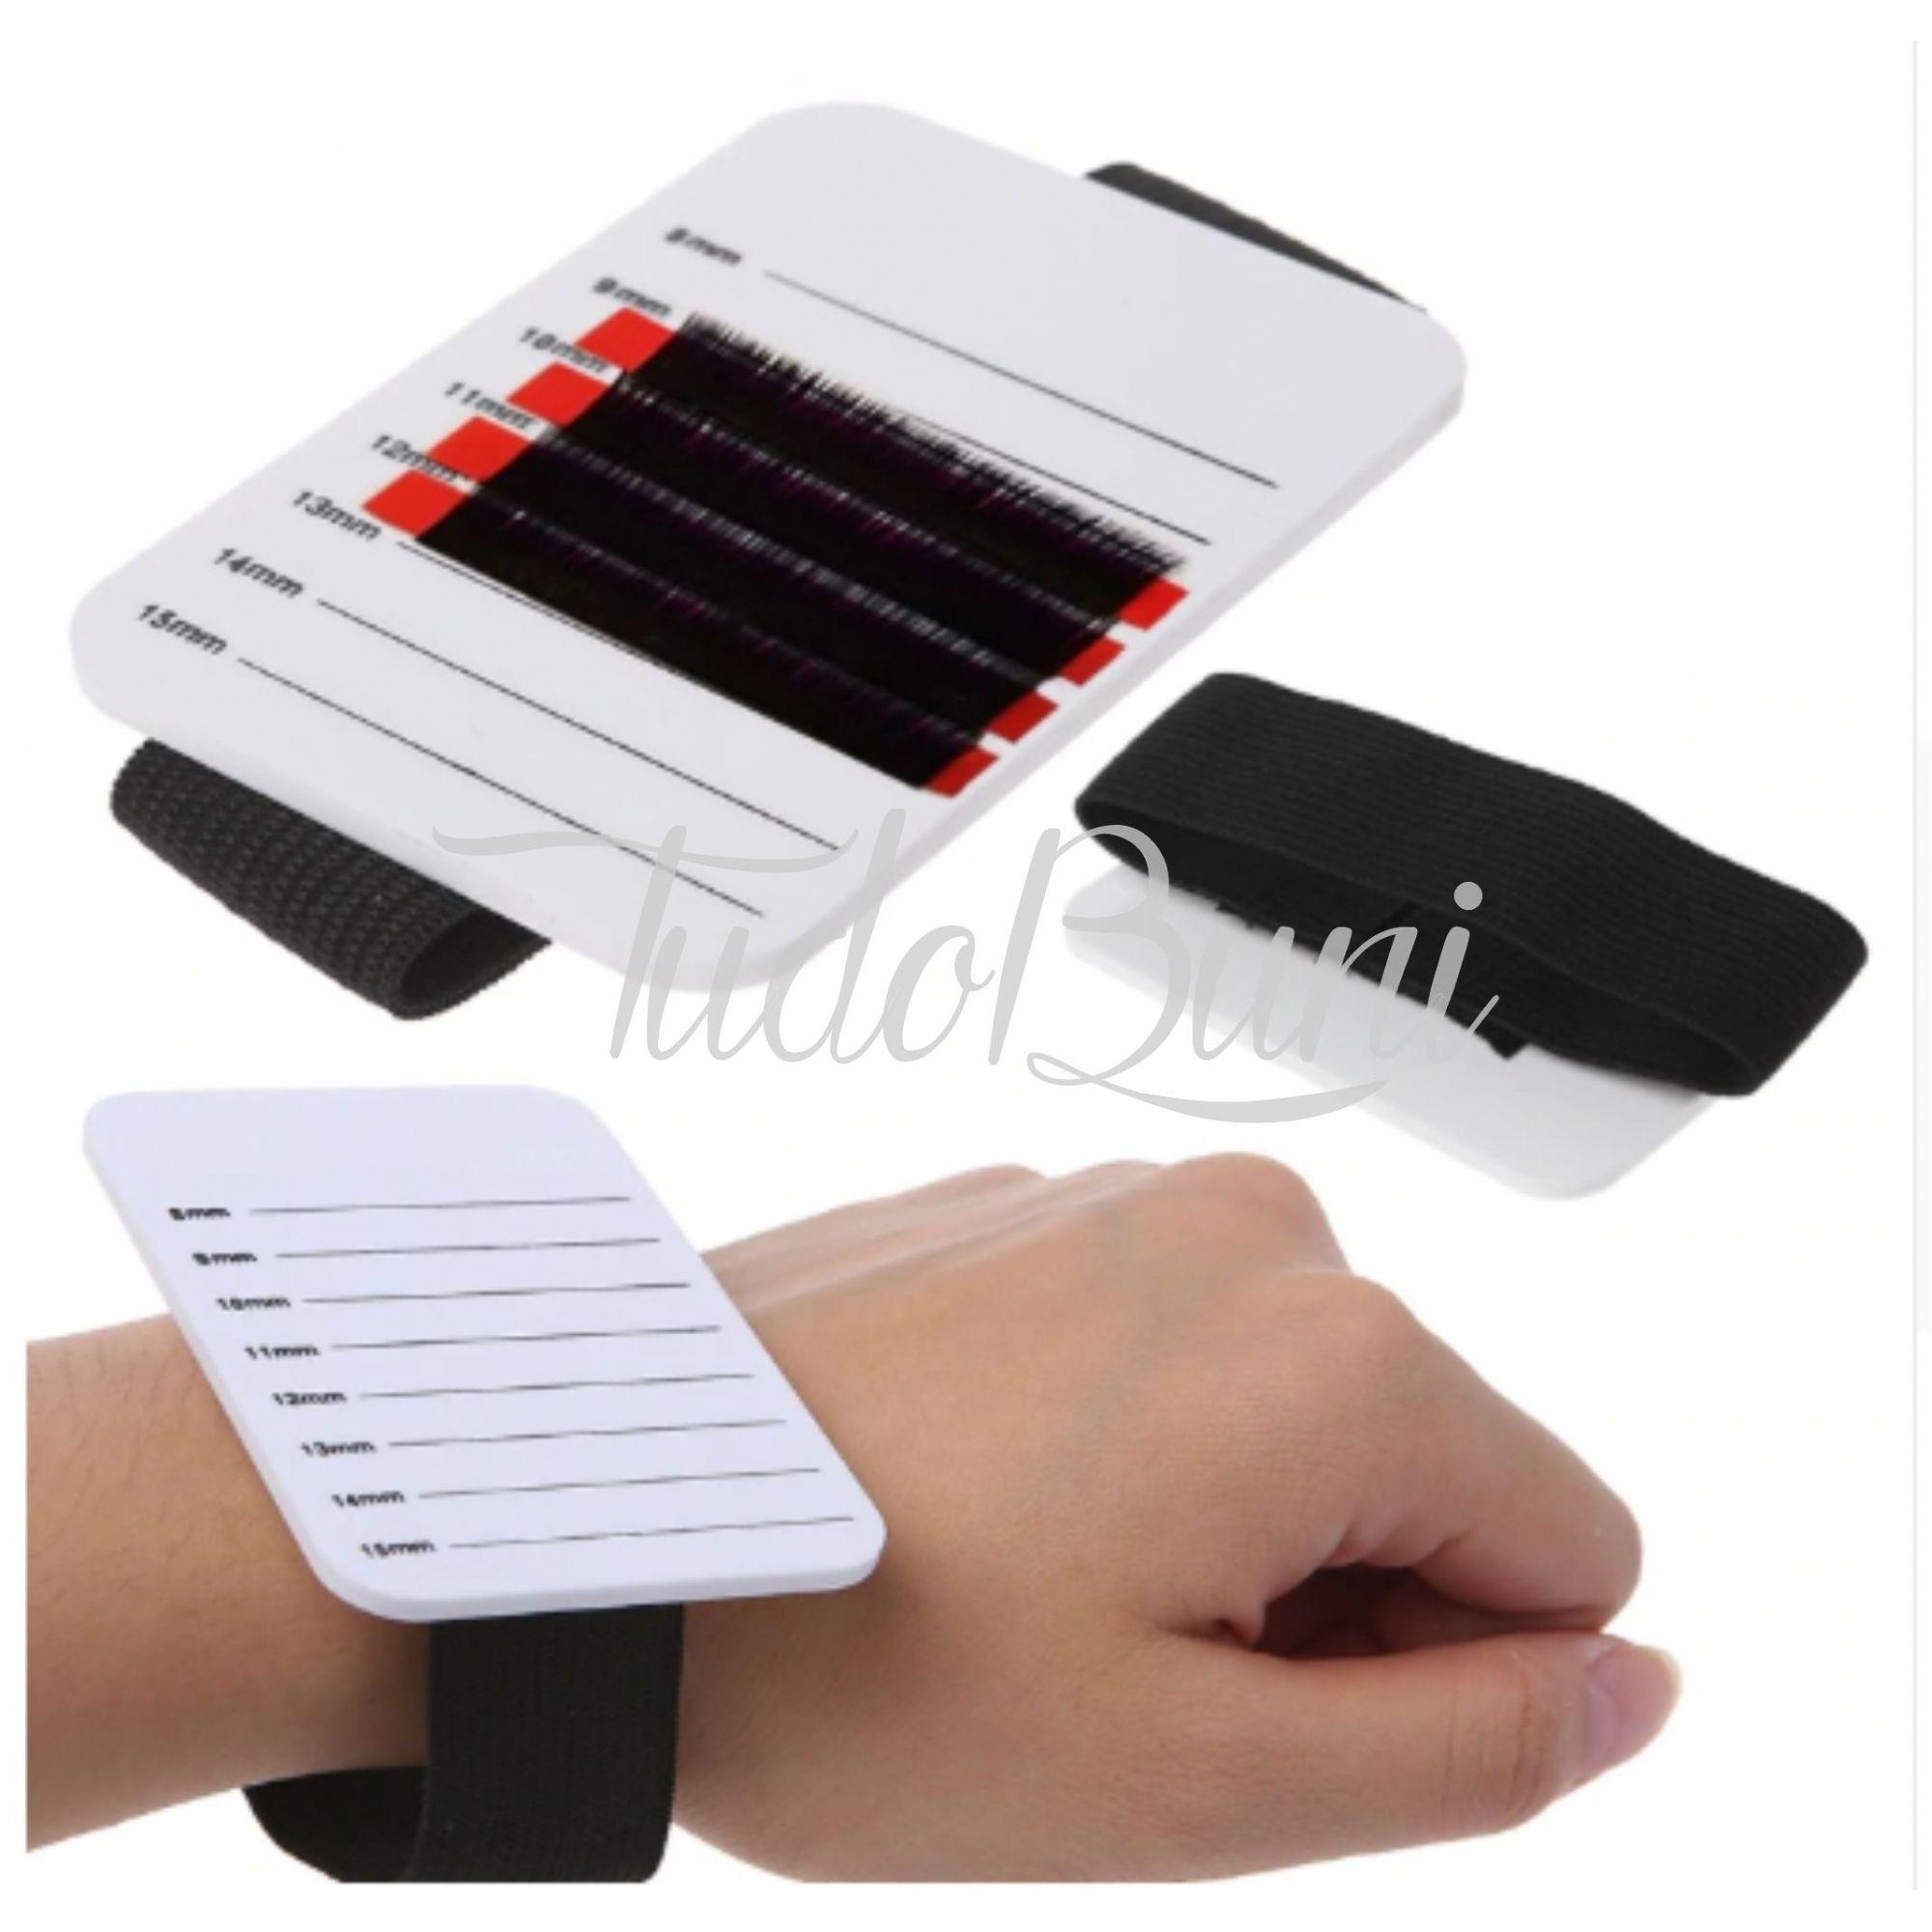 Paleta De Mão Regulável Para Extensão De Cílios Hand Palet